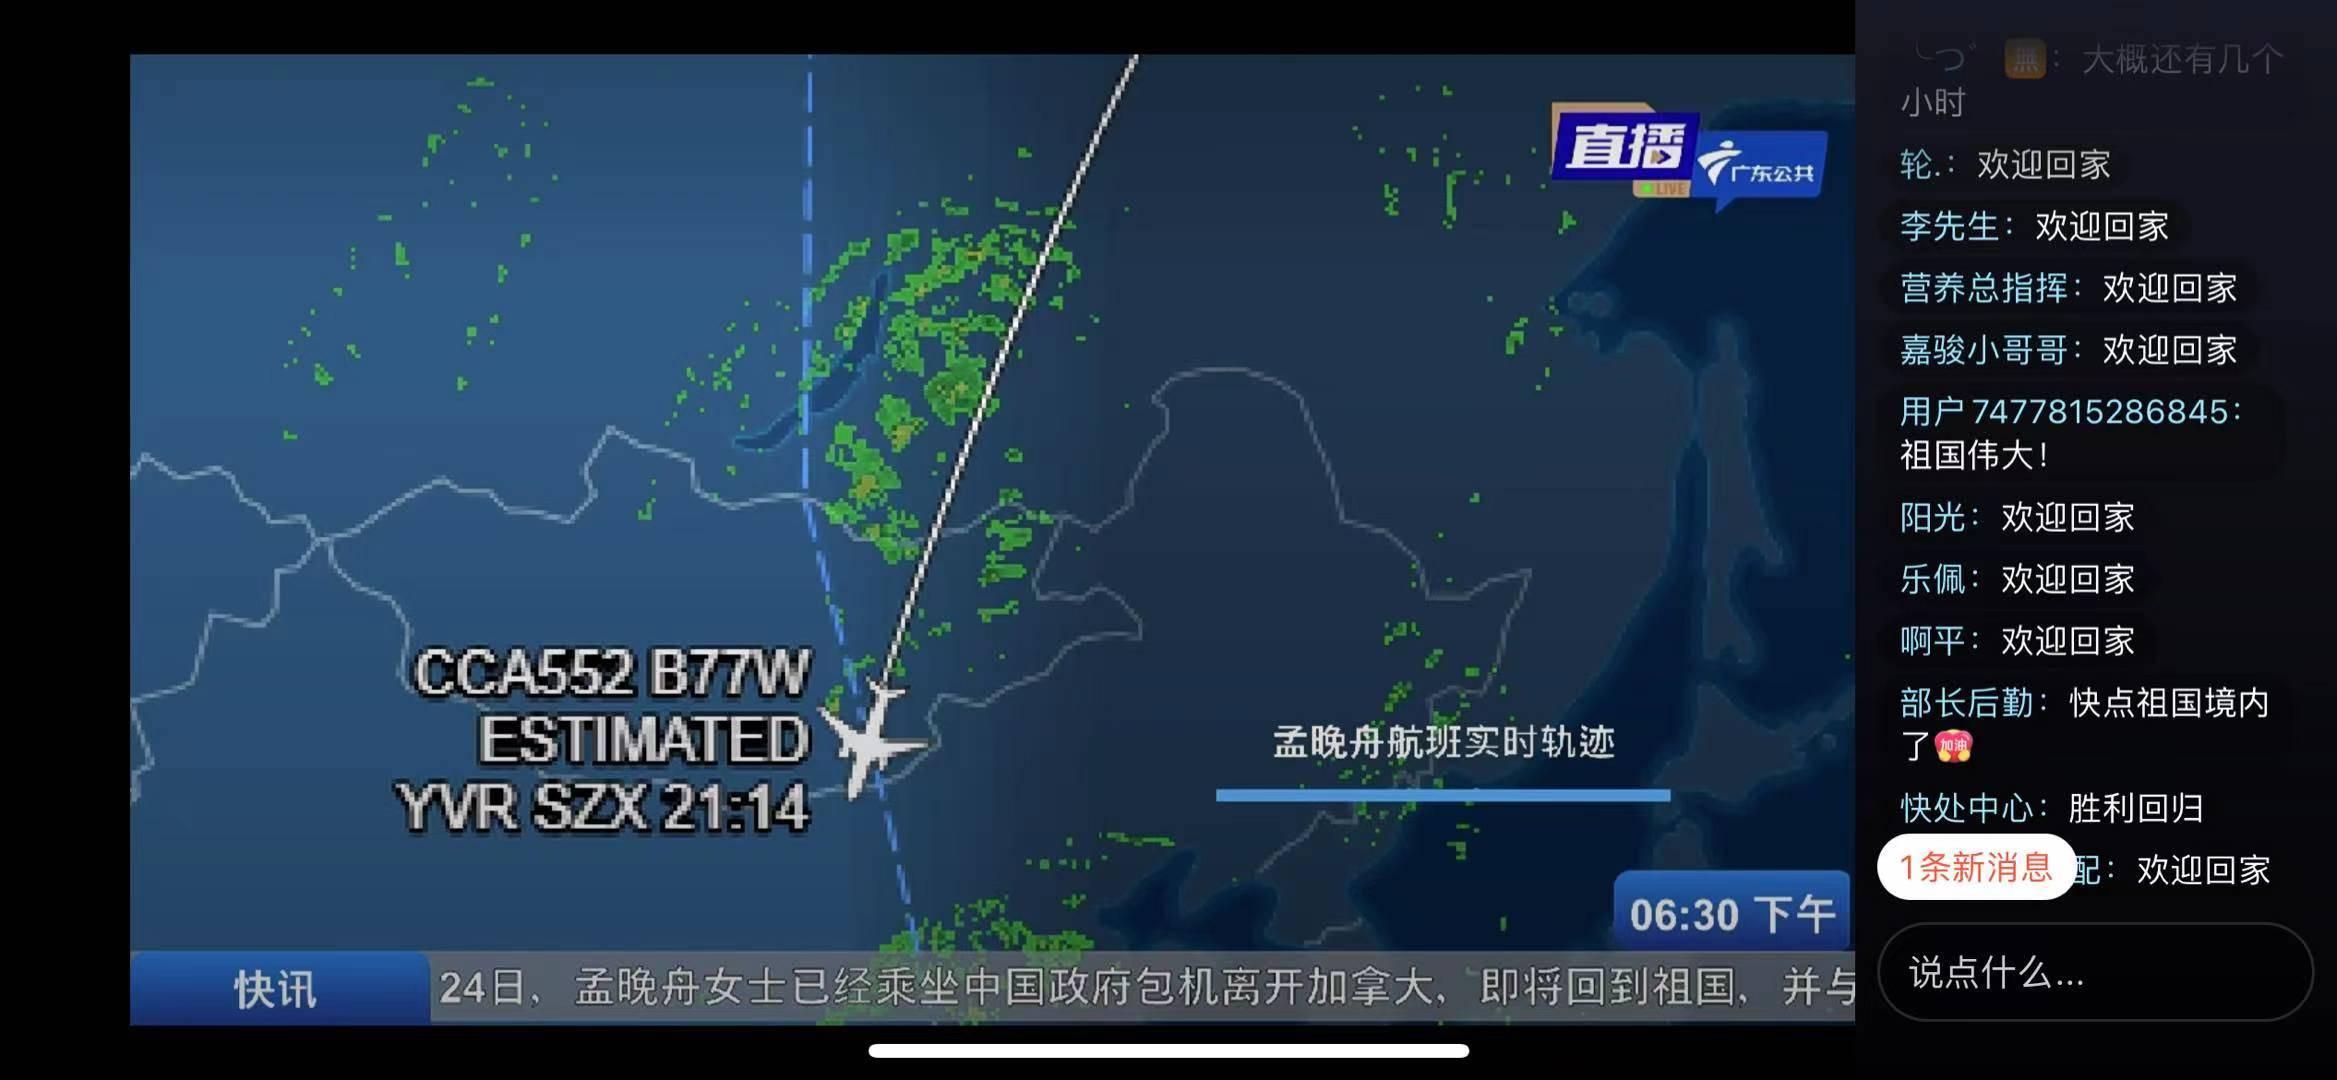 孟晚舟所乘航班,即将进入中国领空